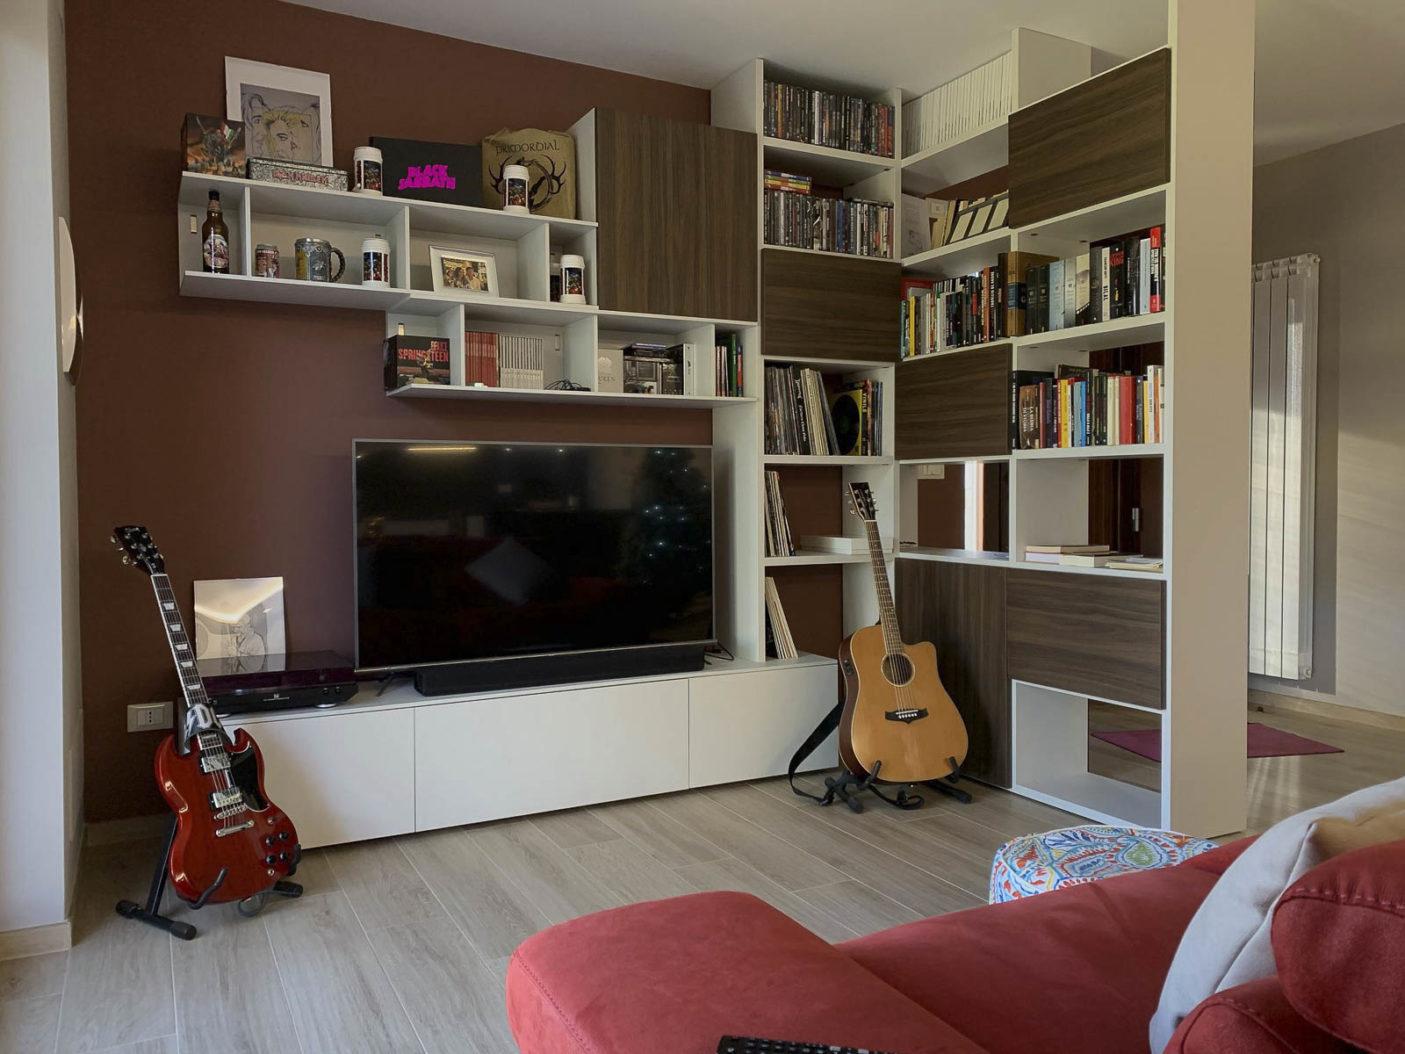 Cucina-Creo-e-Interior-Design-Zona-Living1.jpg